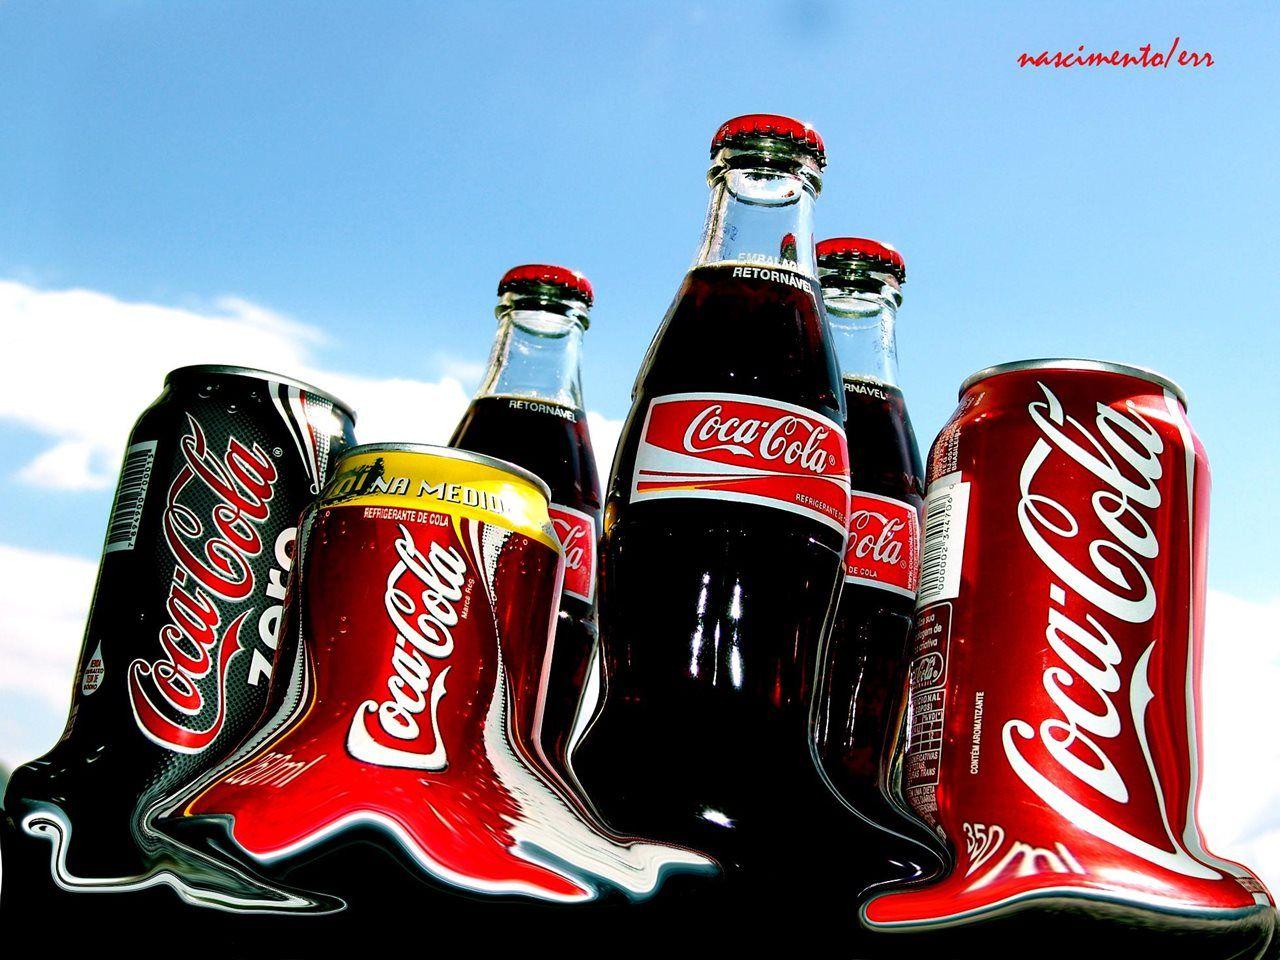 Coca-cola Papel de Parede no Baixaki www.baixaki.com.br - 1280 × 960 - Pesquisa por imagem